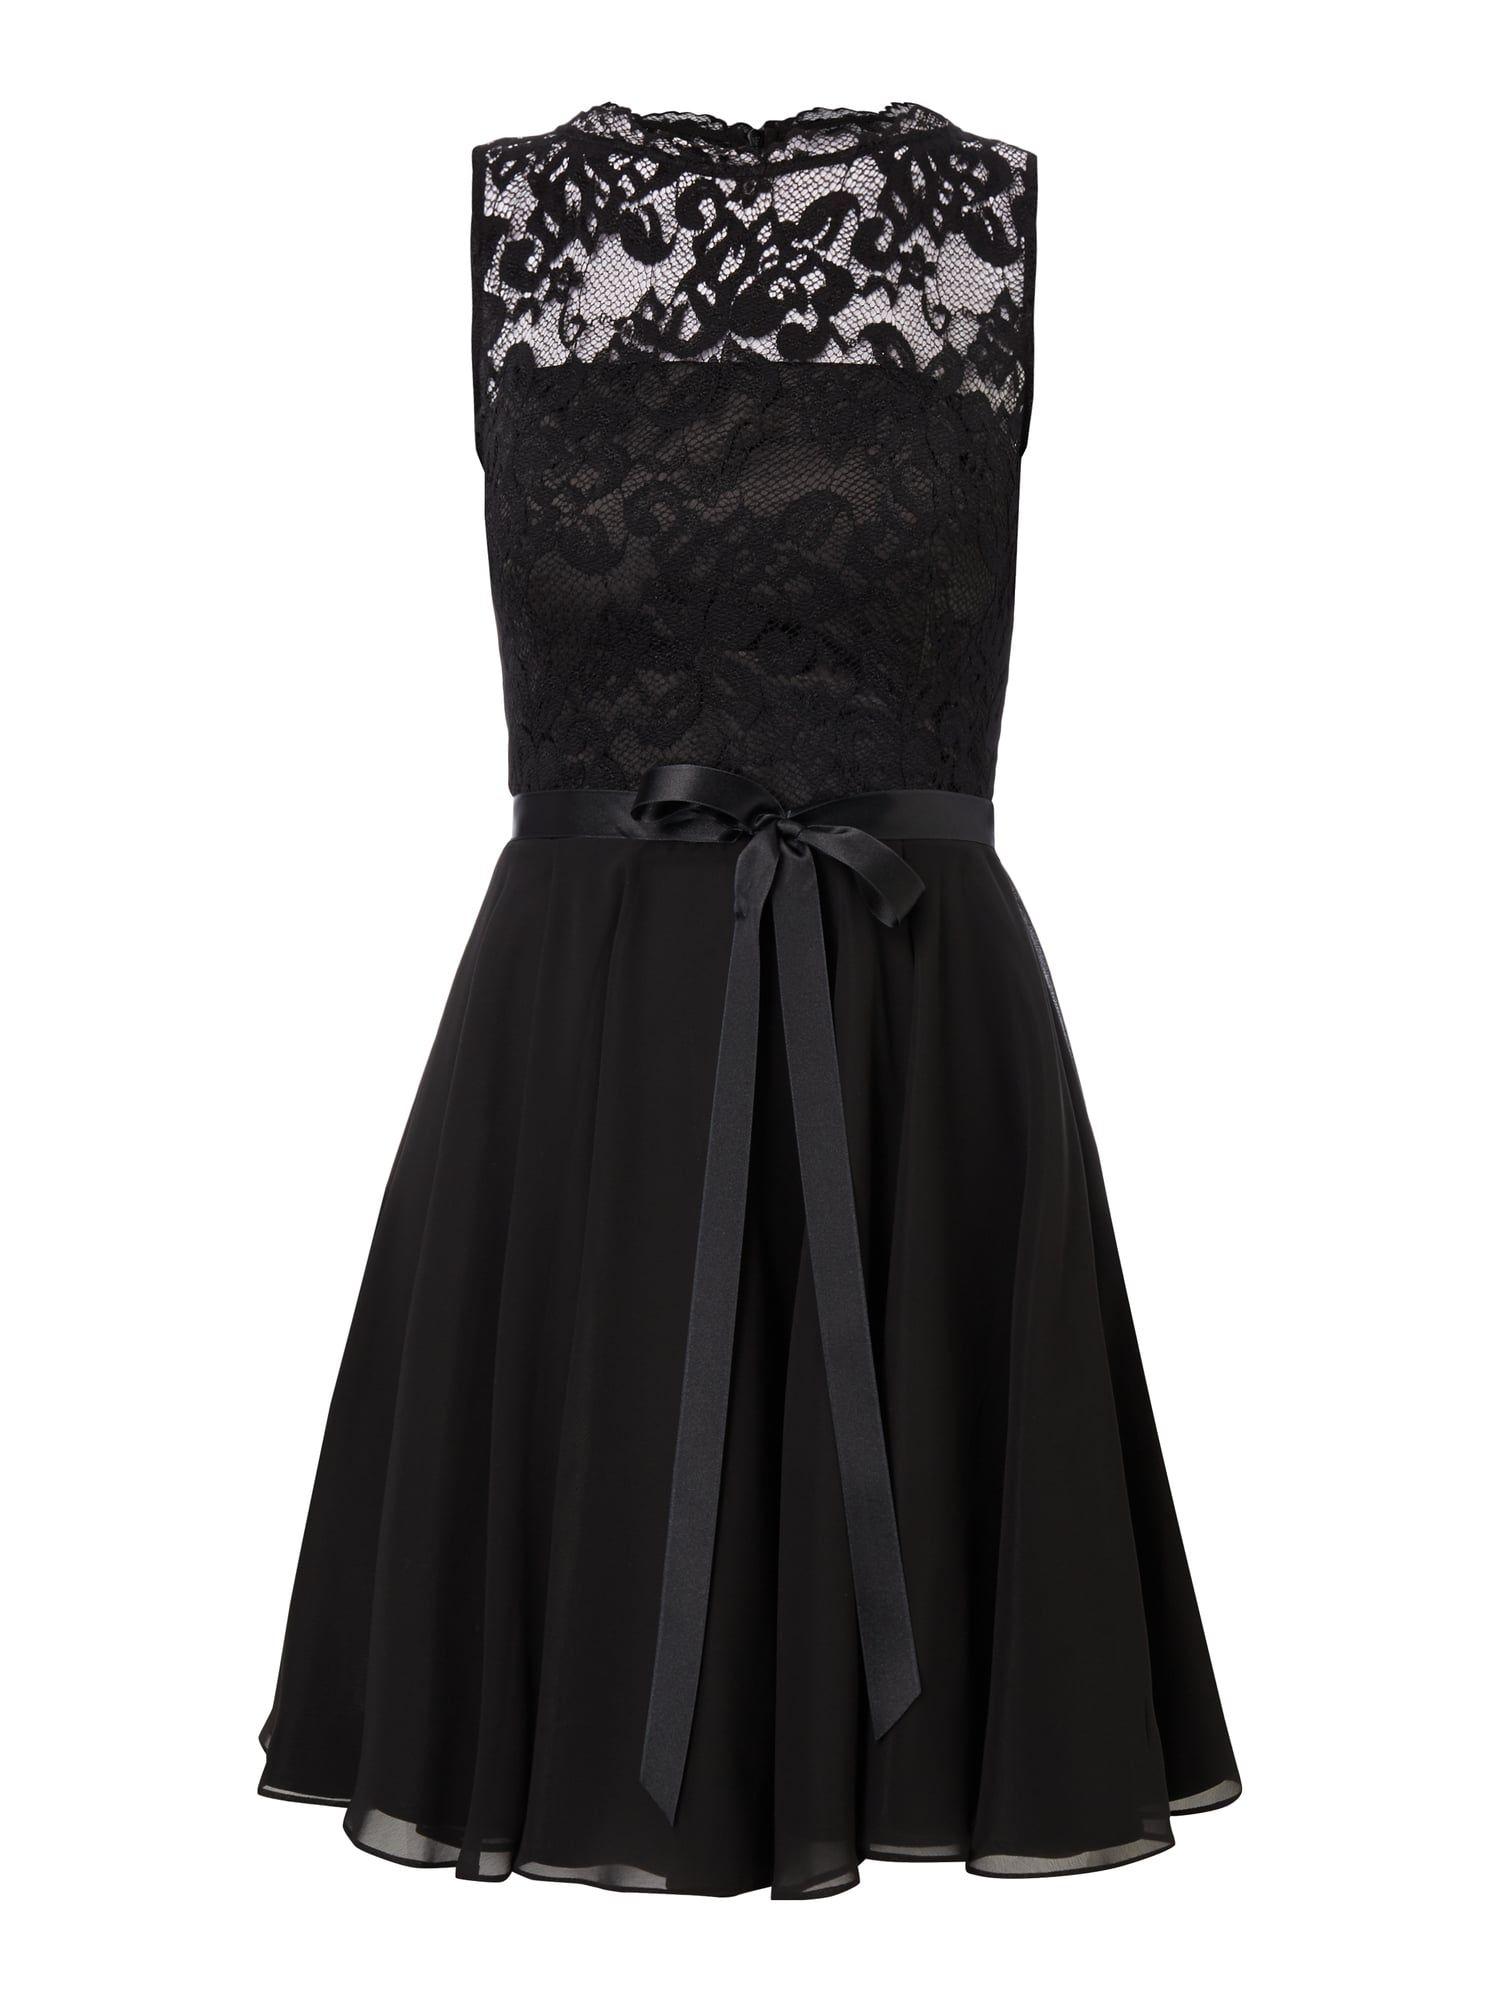 Bildergebnis für schwarz | Kleid schwarz spitze ...